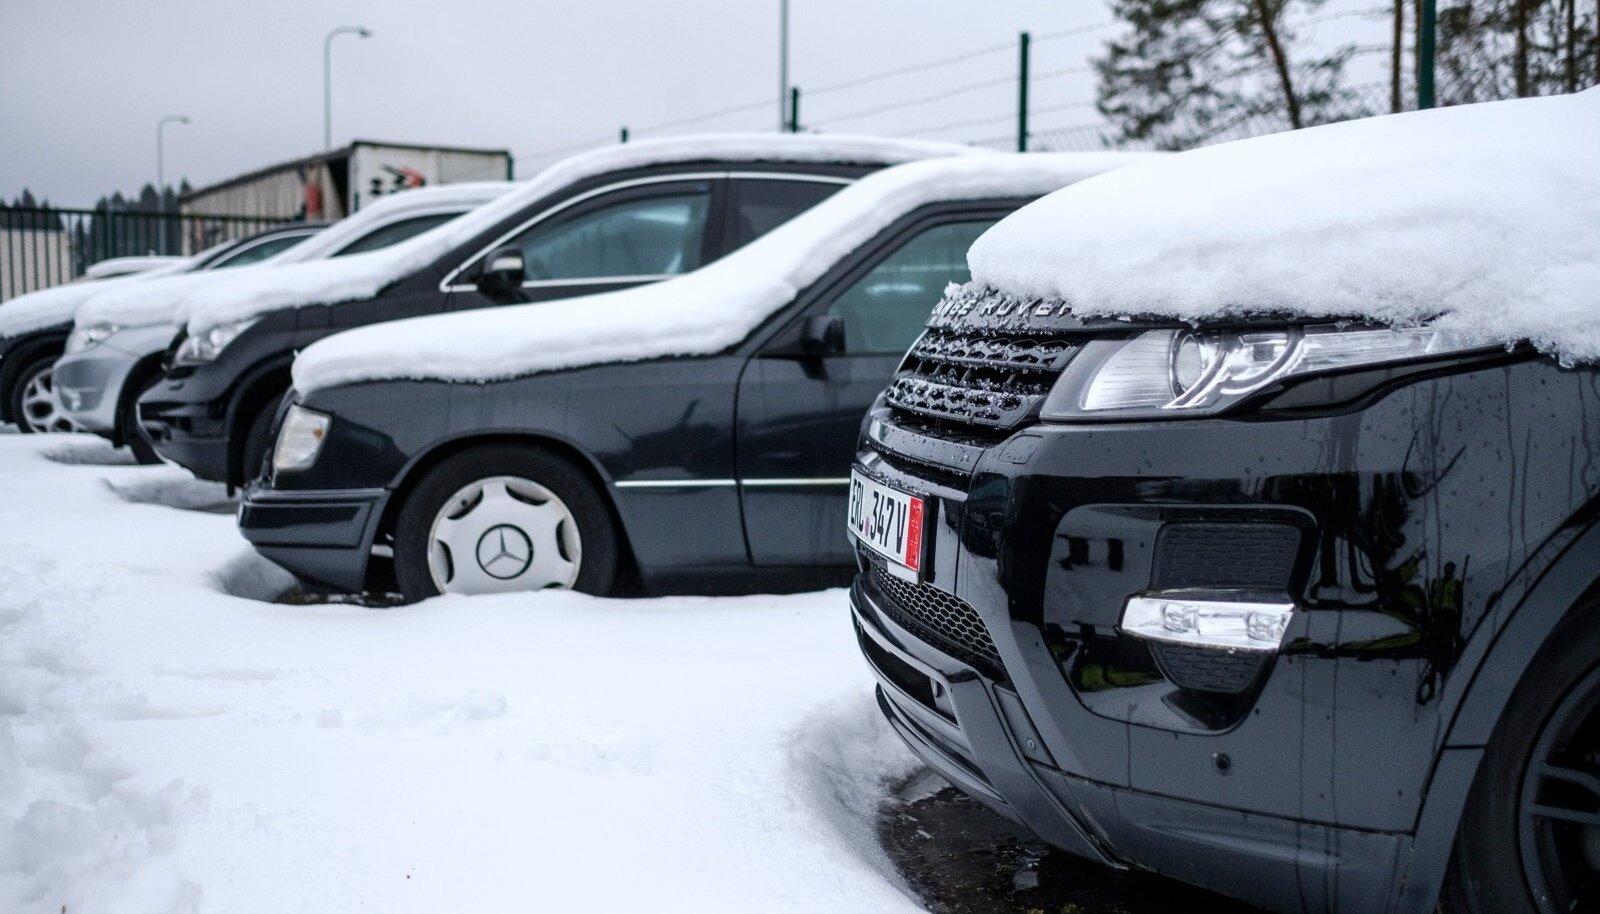 Venemaa tahab, et nende kodanikud sõidaksid Ladade, mitte Range Roveritega. Seepärast jäävad paljud luksusautod Luhamaale, kust nad lõpuks hävitamisele viiakse.